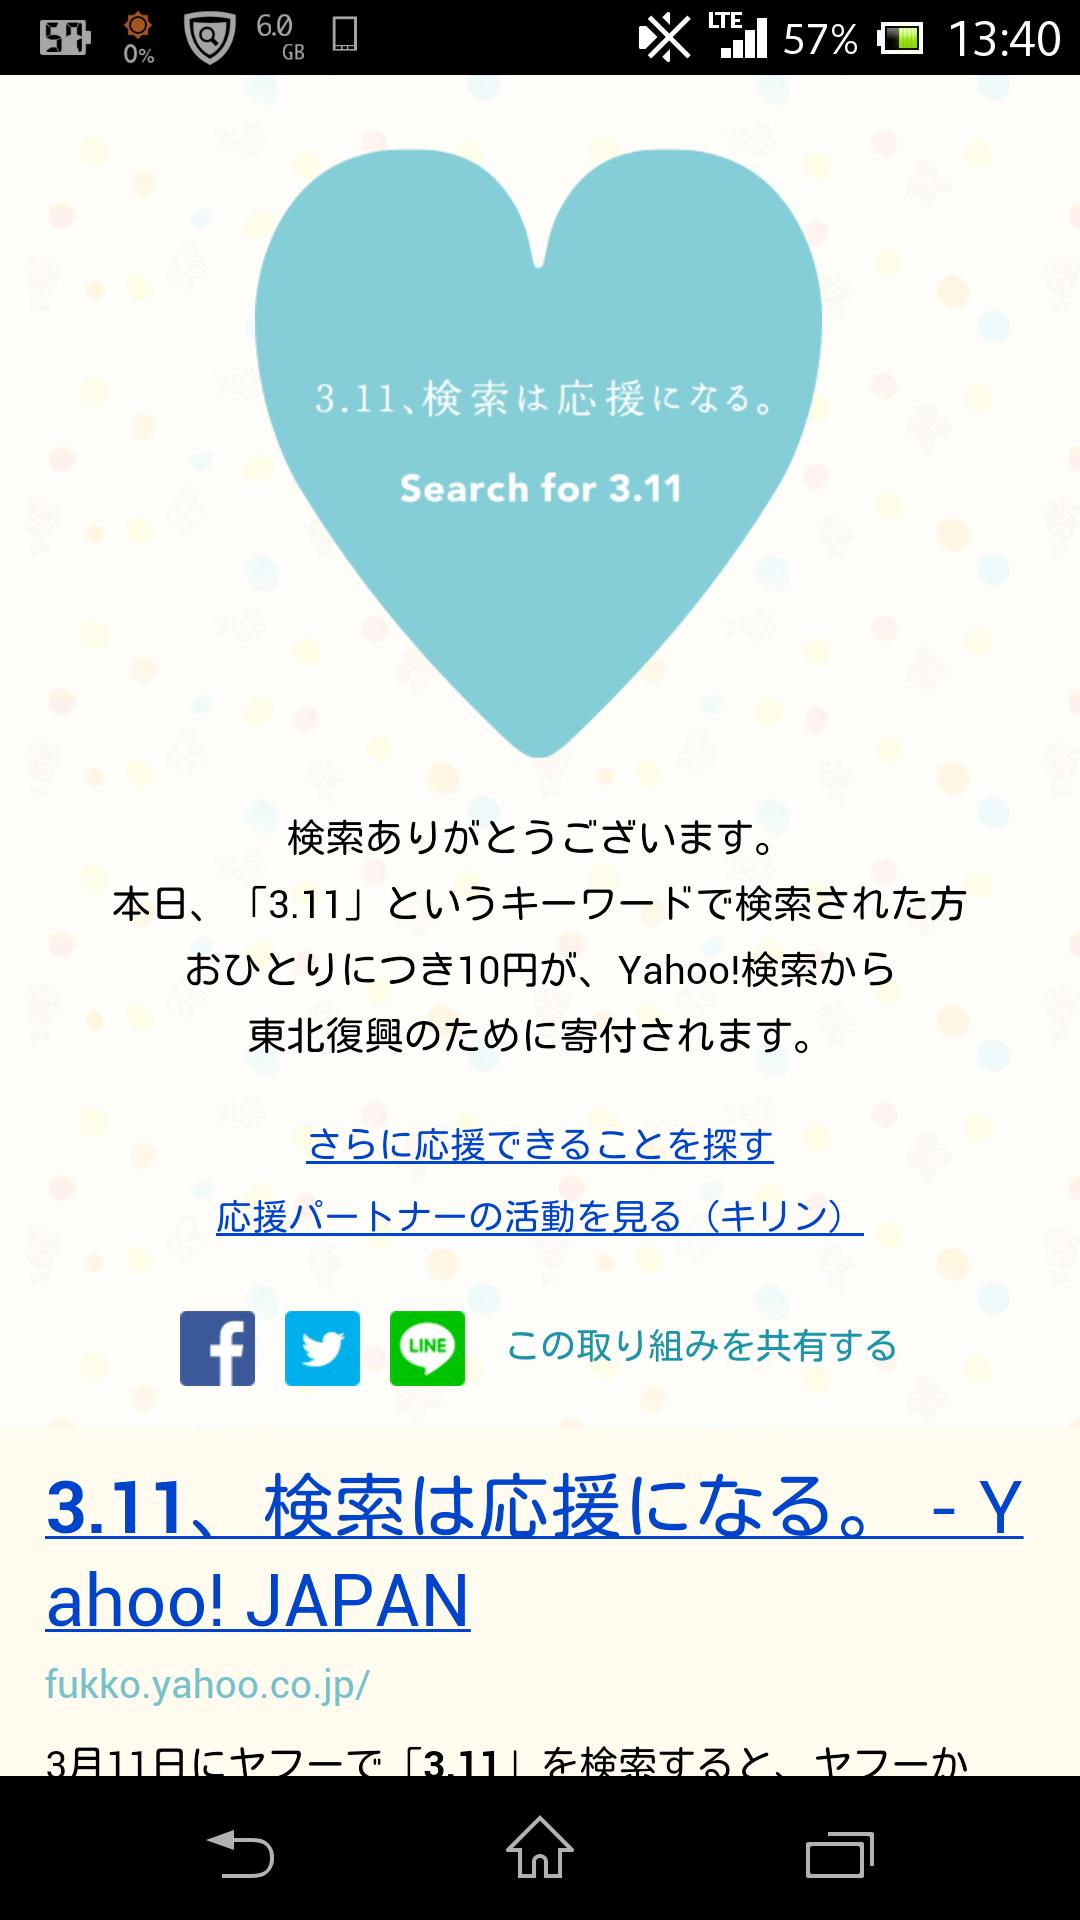 今日3月11日にYahoo! JAPANで「3.11」と検索した人1人につき10円を寄付、今年も検索チャリティー「Search for 3.11」を実施